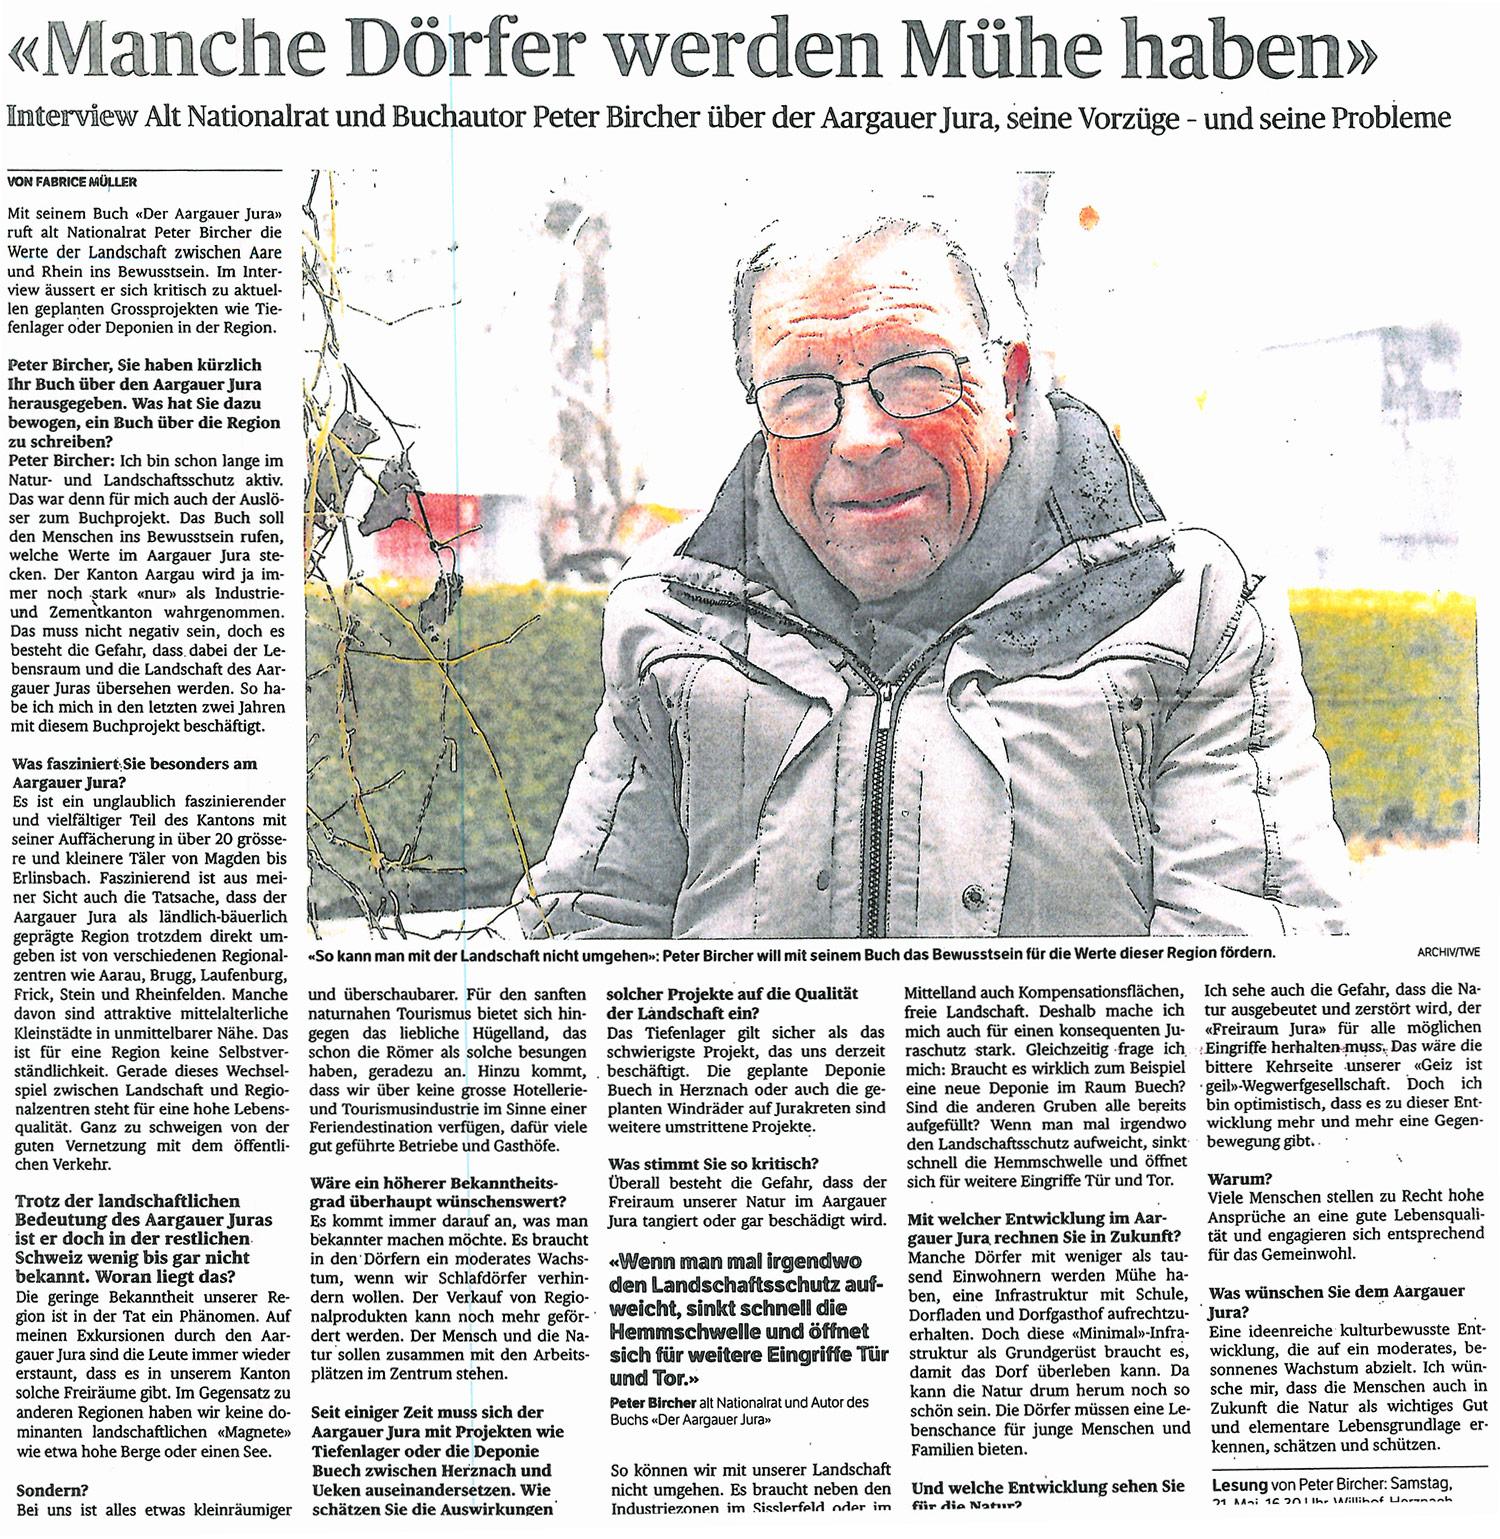 aargauer-zeitung-peter-bircher